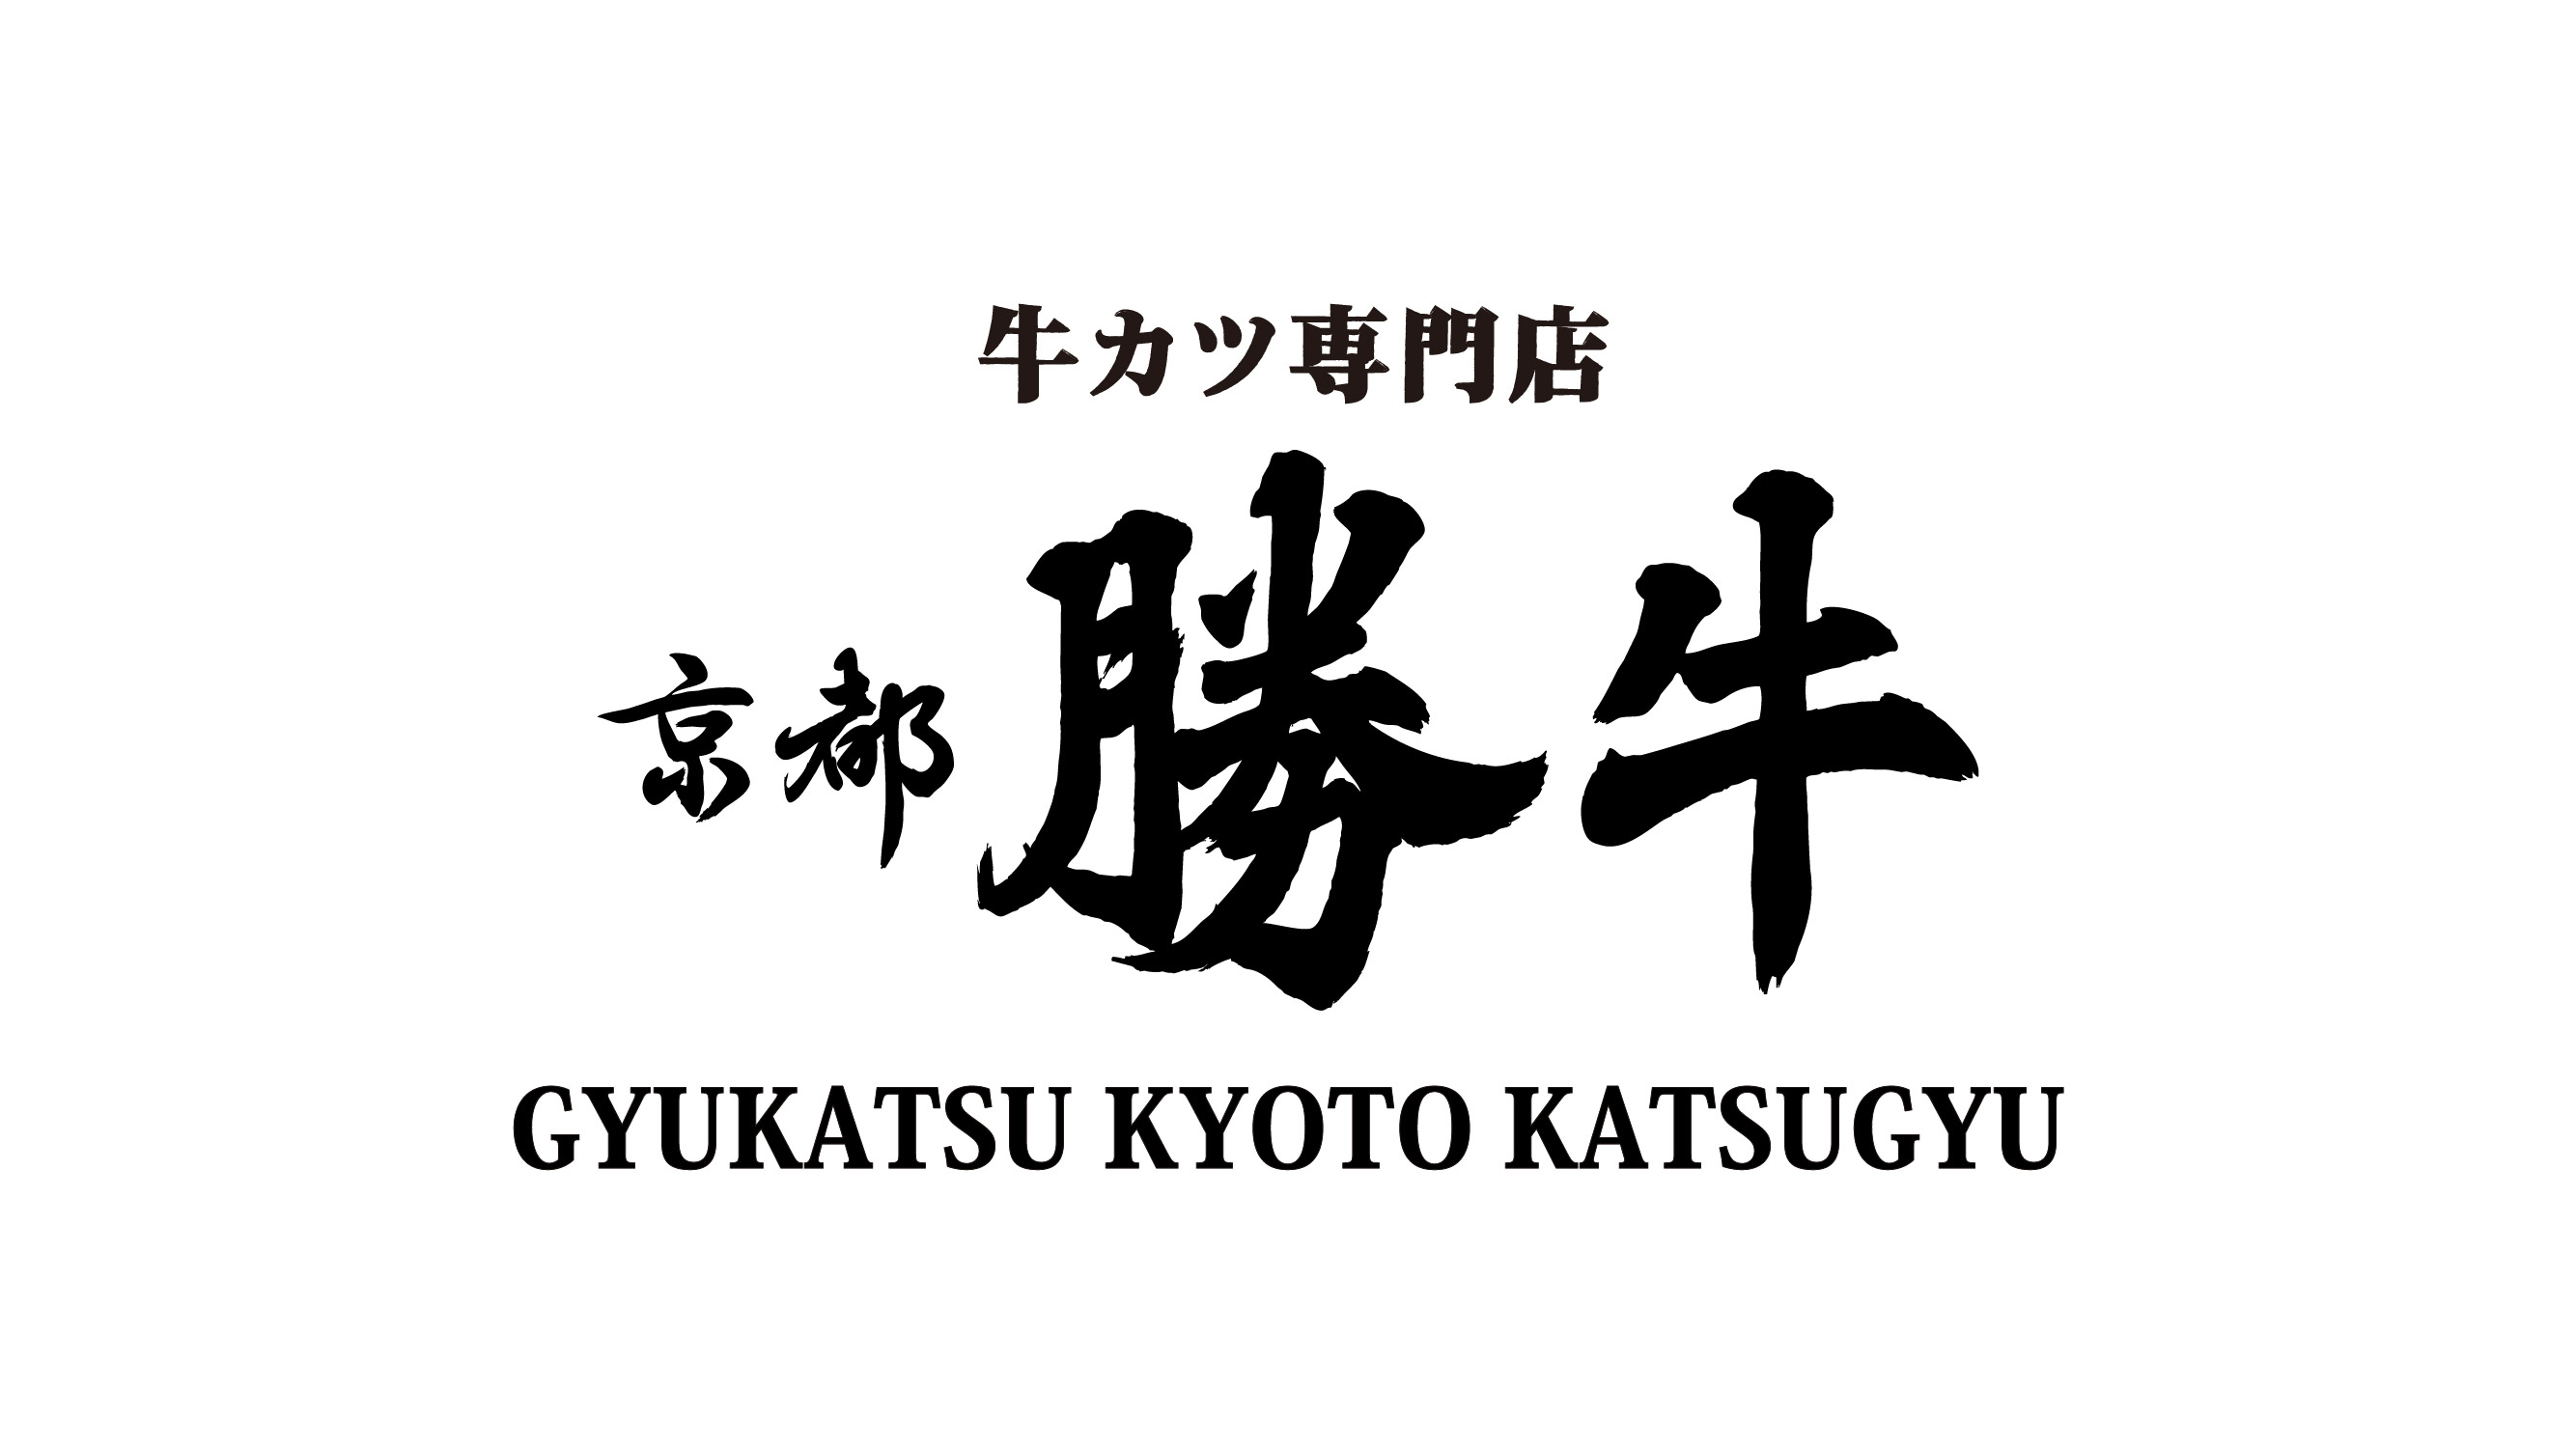 kyotokatsugyuロゴ-01